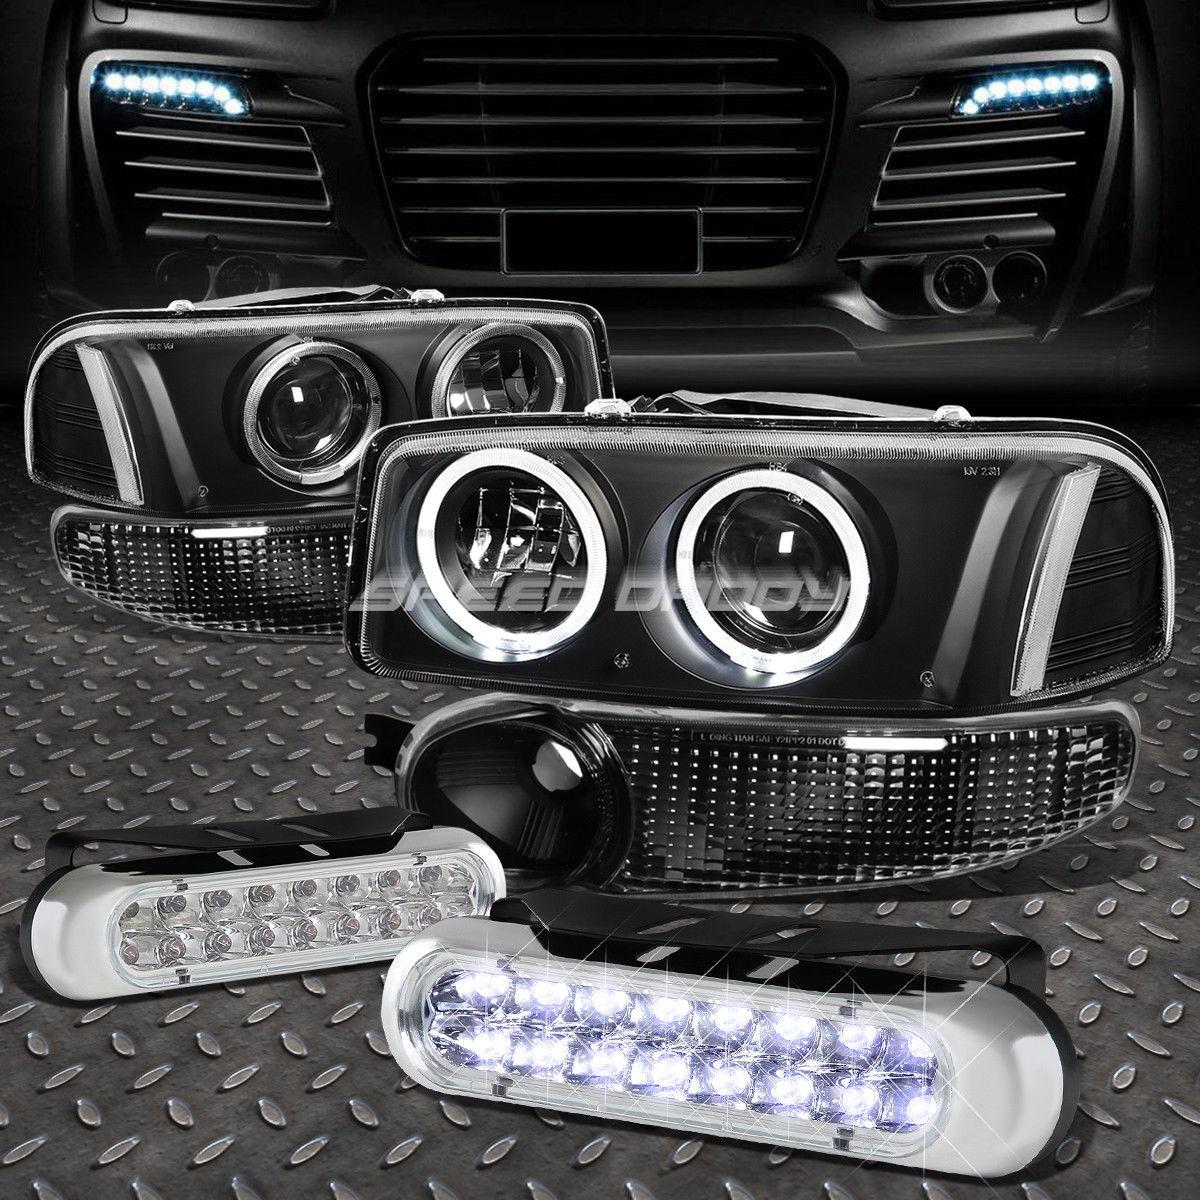 フォグライト BLACK CLEAR PROJECTOR HEADLIGHT+16 LED GRILL FOG LIGHT FOR 00-07 SIERRA/YUKON ブラッククリアプロジェクターヘッドライト+ 00-07 SIERRA / YUKON用16 LEDグリルフォグライト